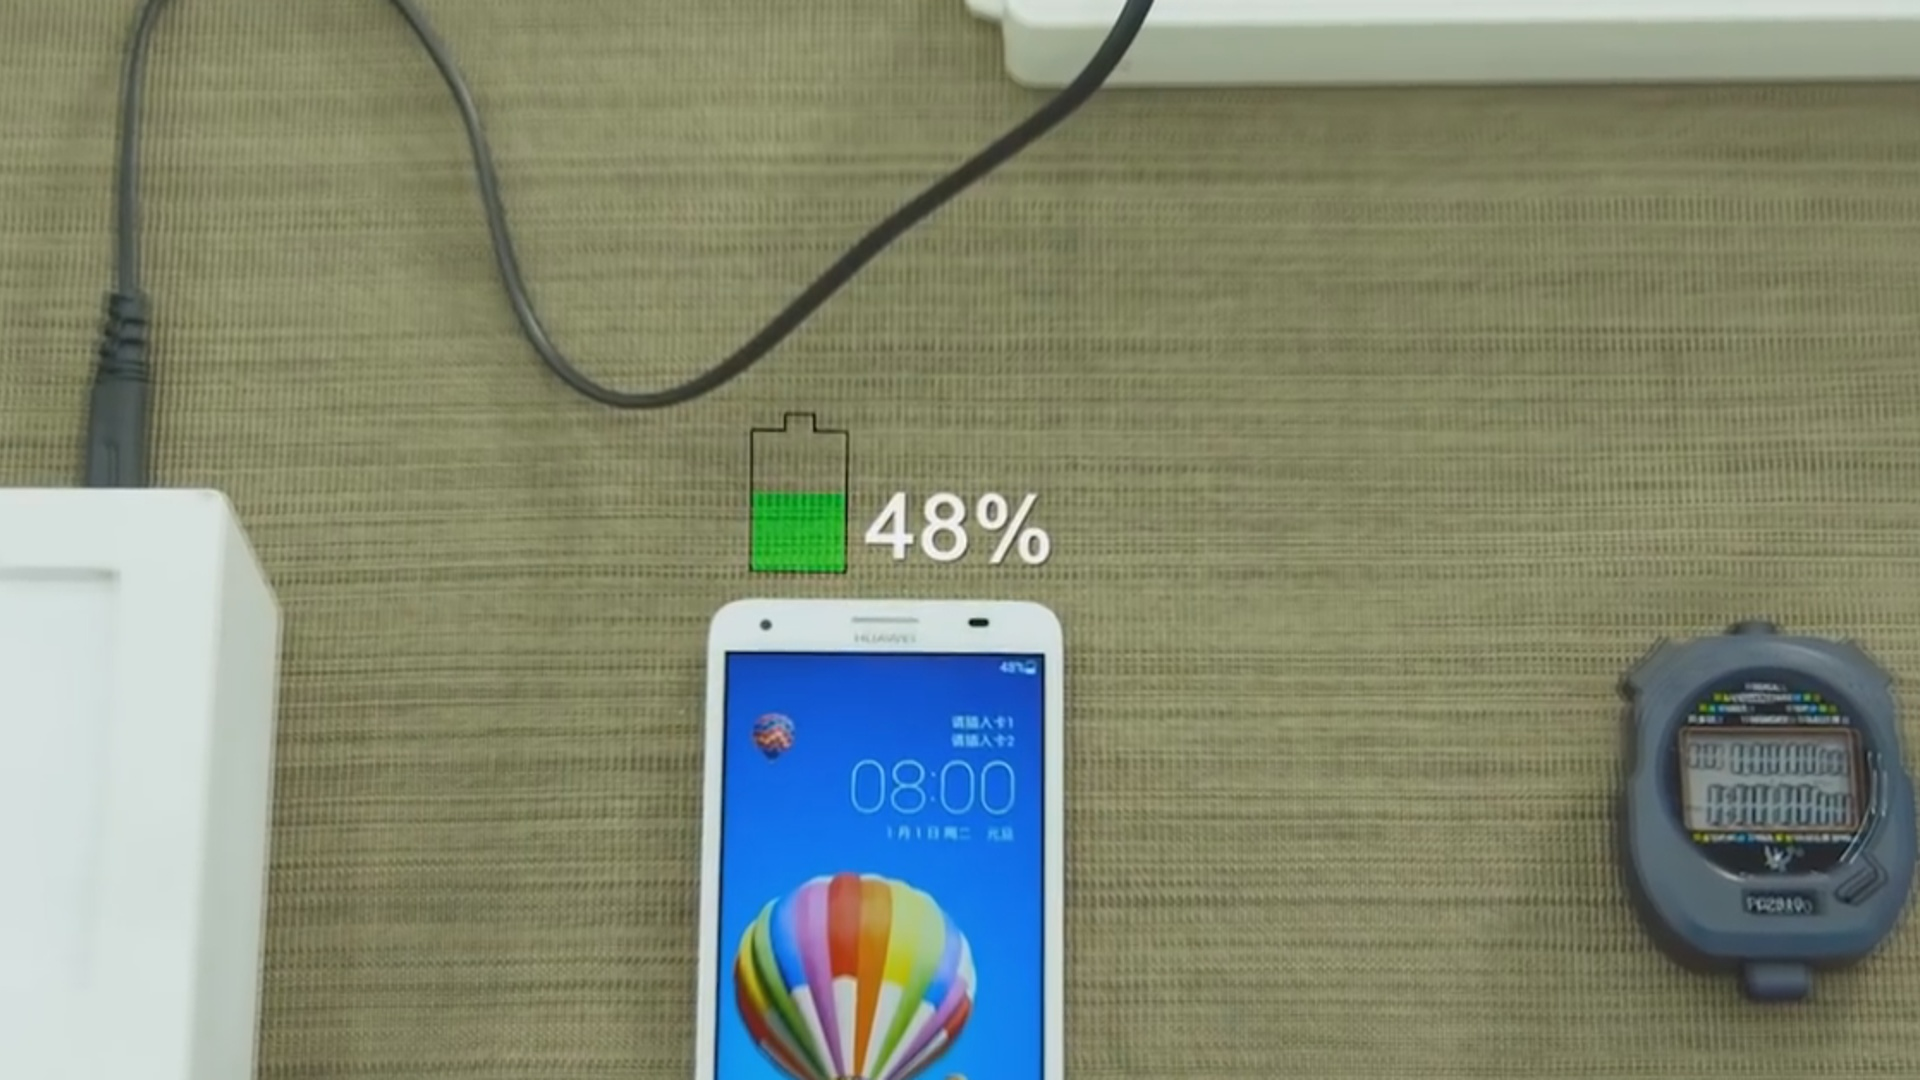 Smartfonlar yeni qurğu ilə 10 dəqiqə ərzində tam enerji ilə təmin olunacaq